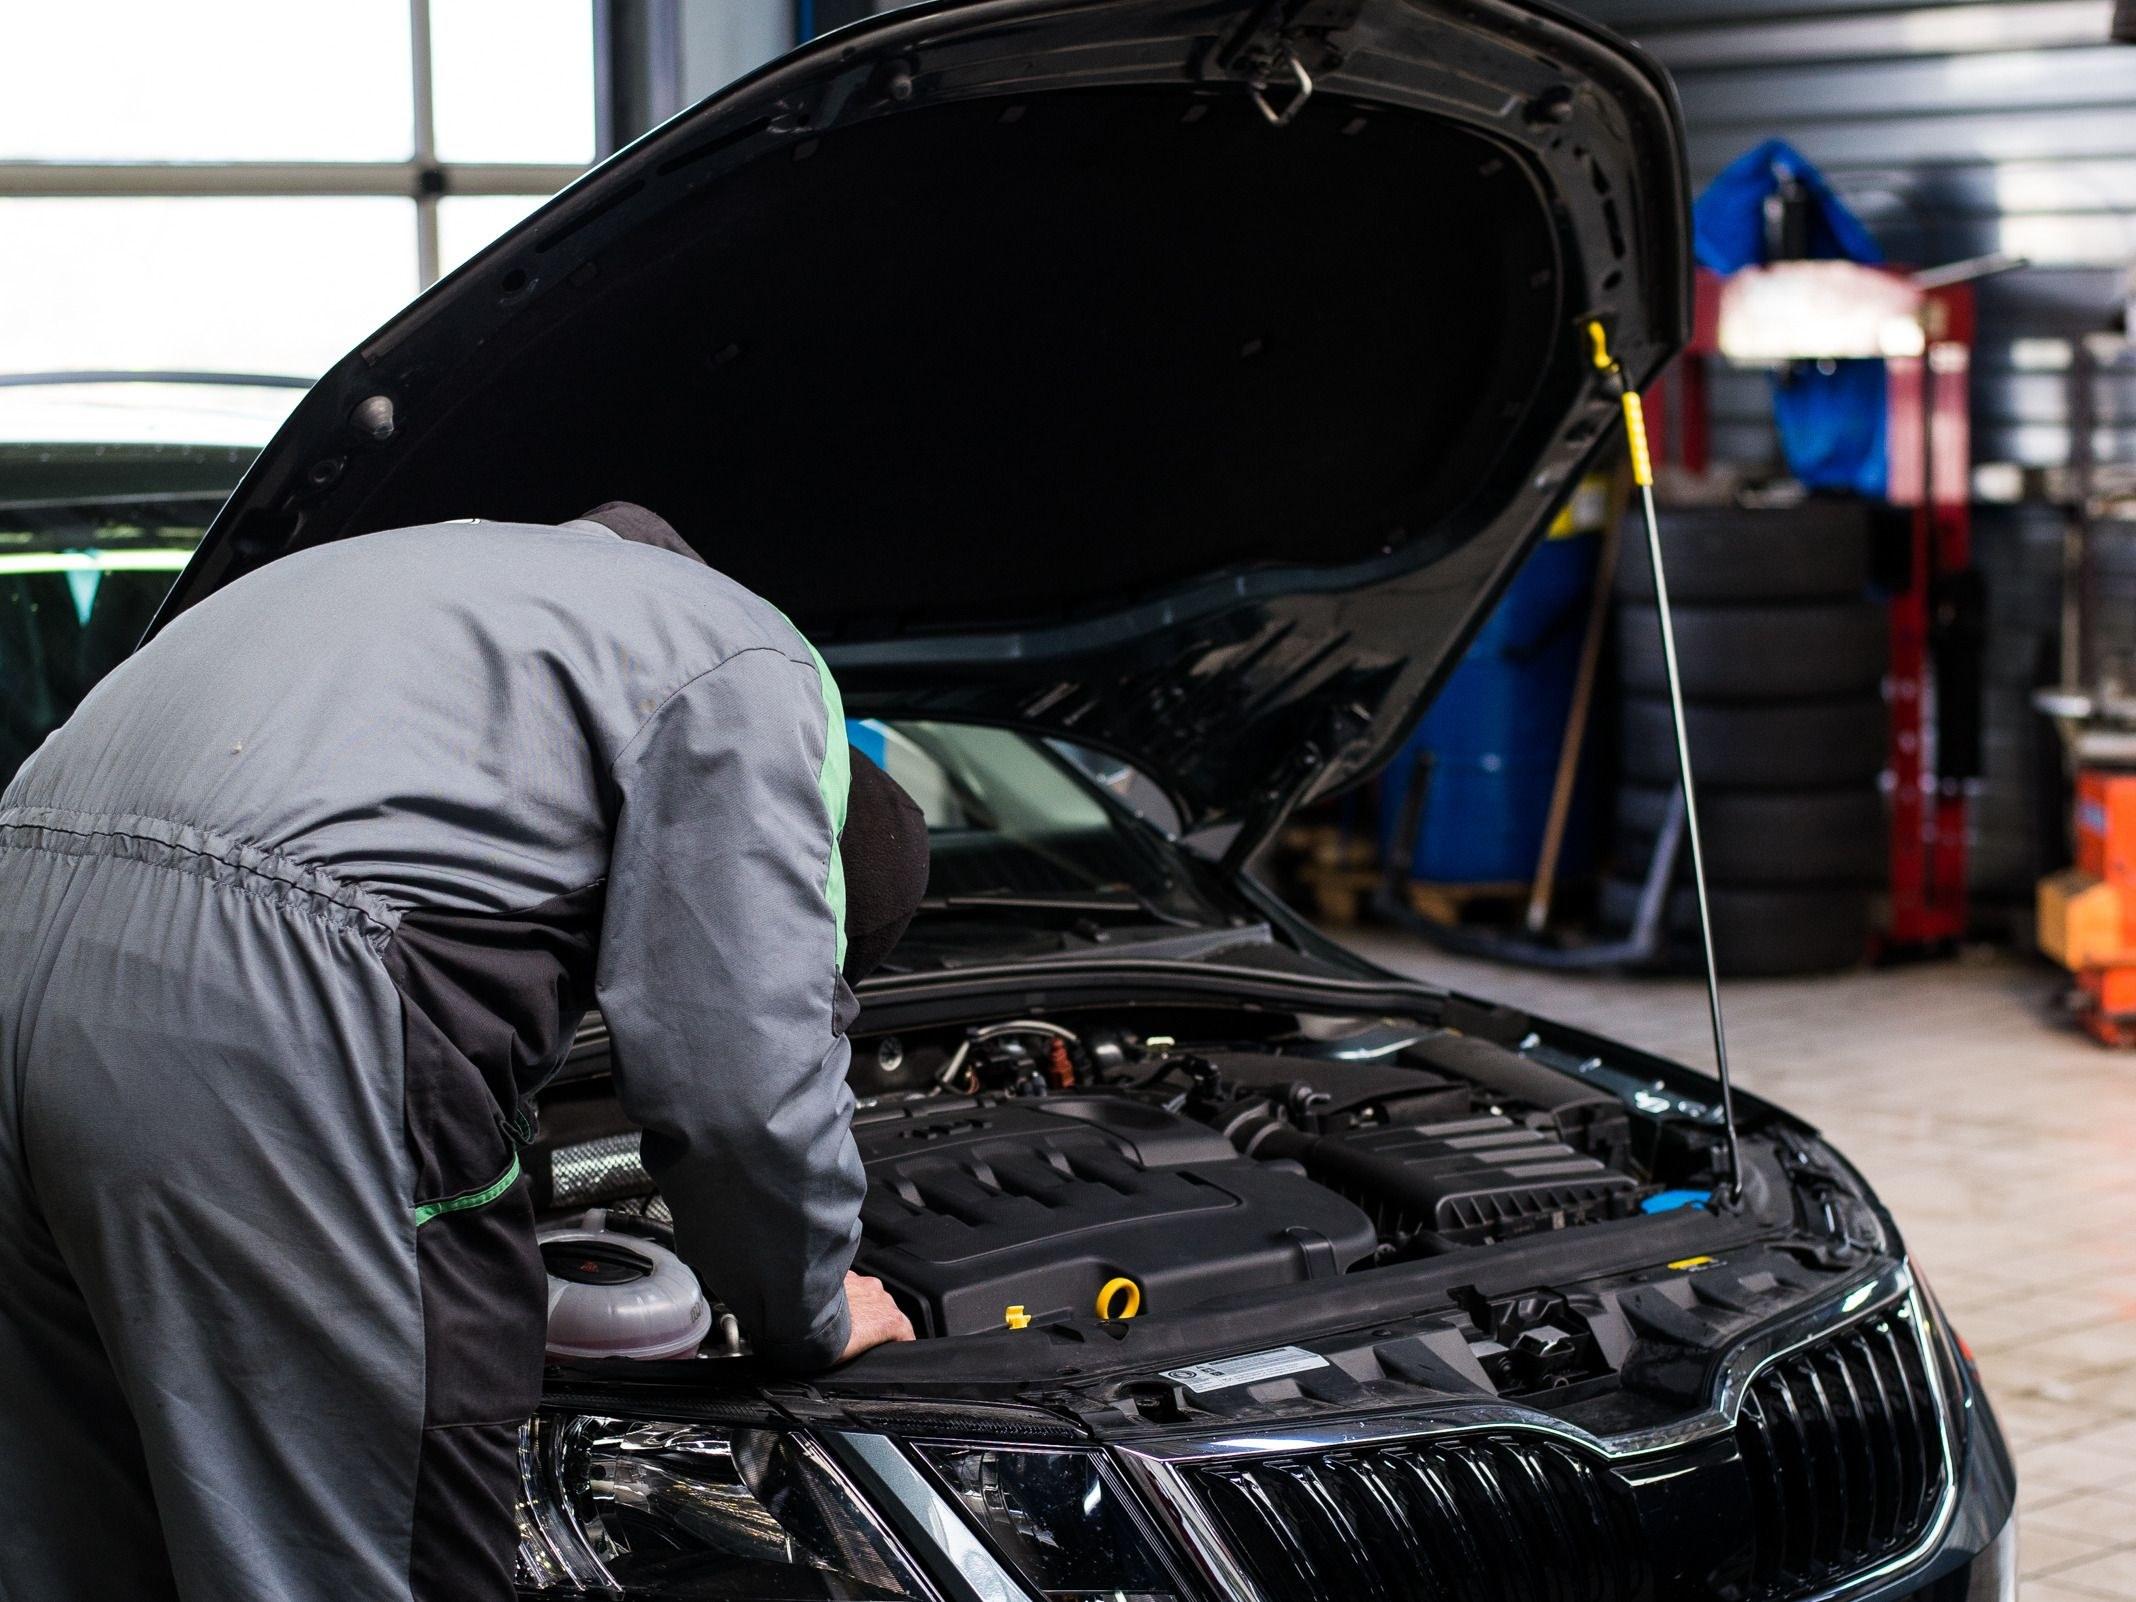 Entretien et réparation de véhicules